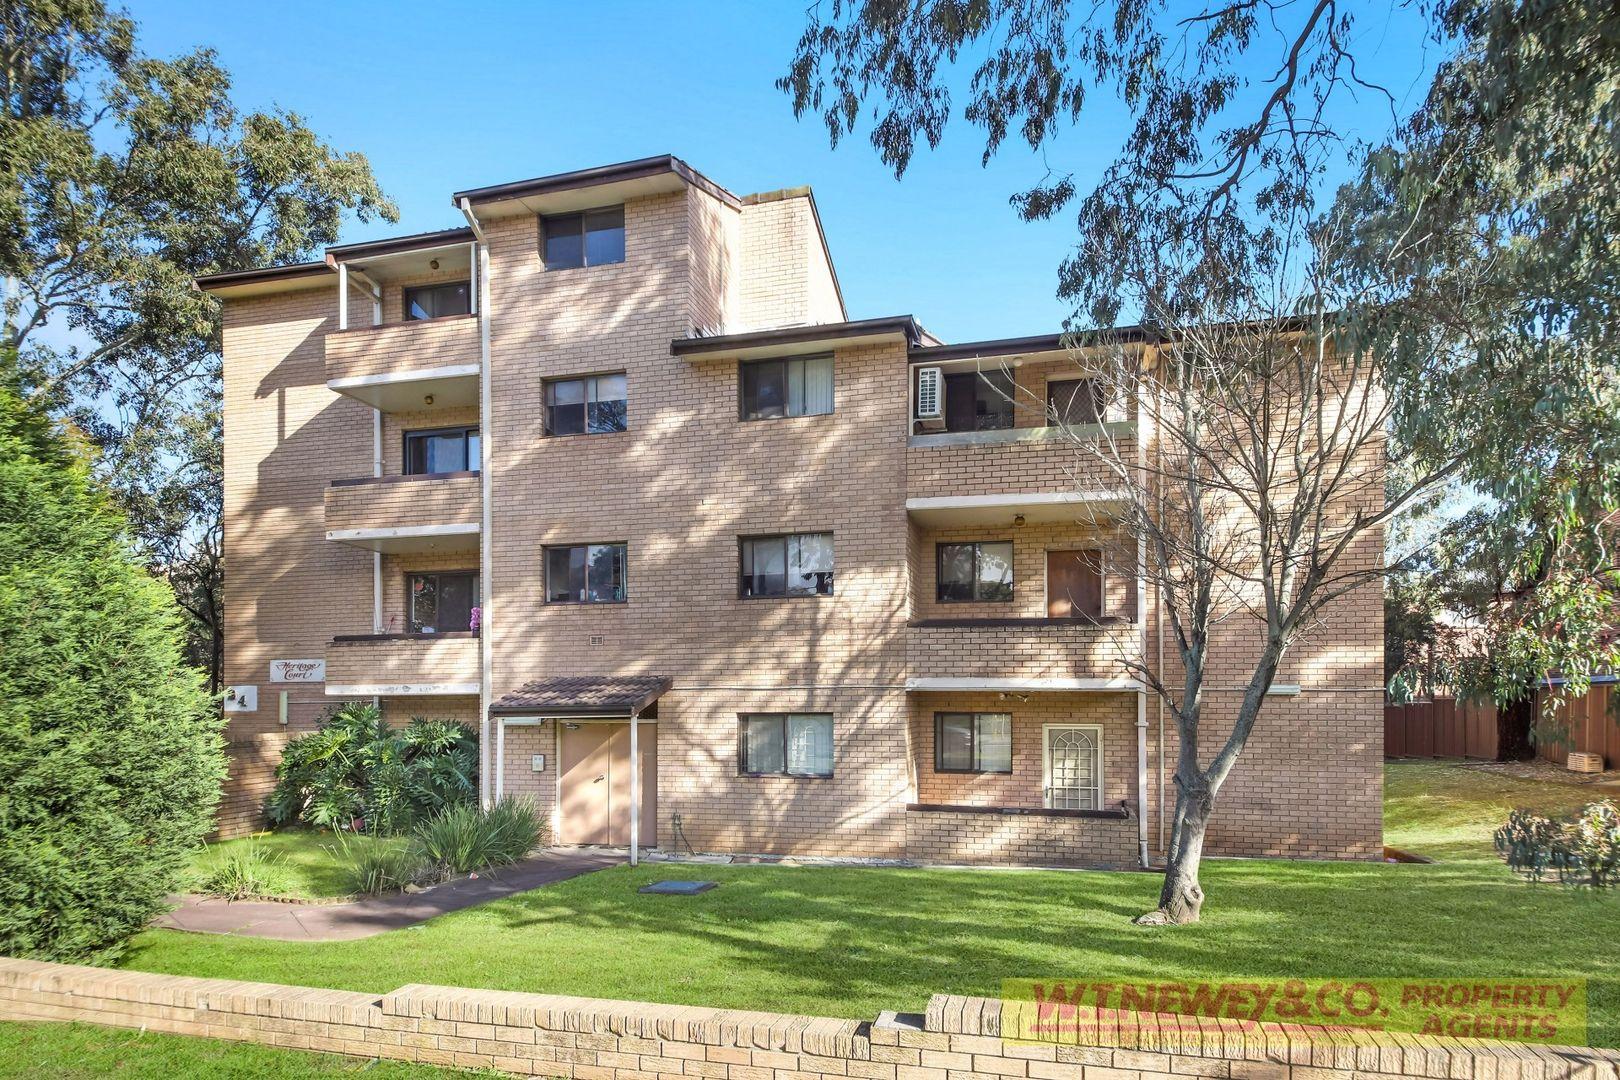 7/22-24 Sir Joseph Banks ST, Bankstown NSW 2200, Image 0